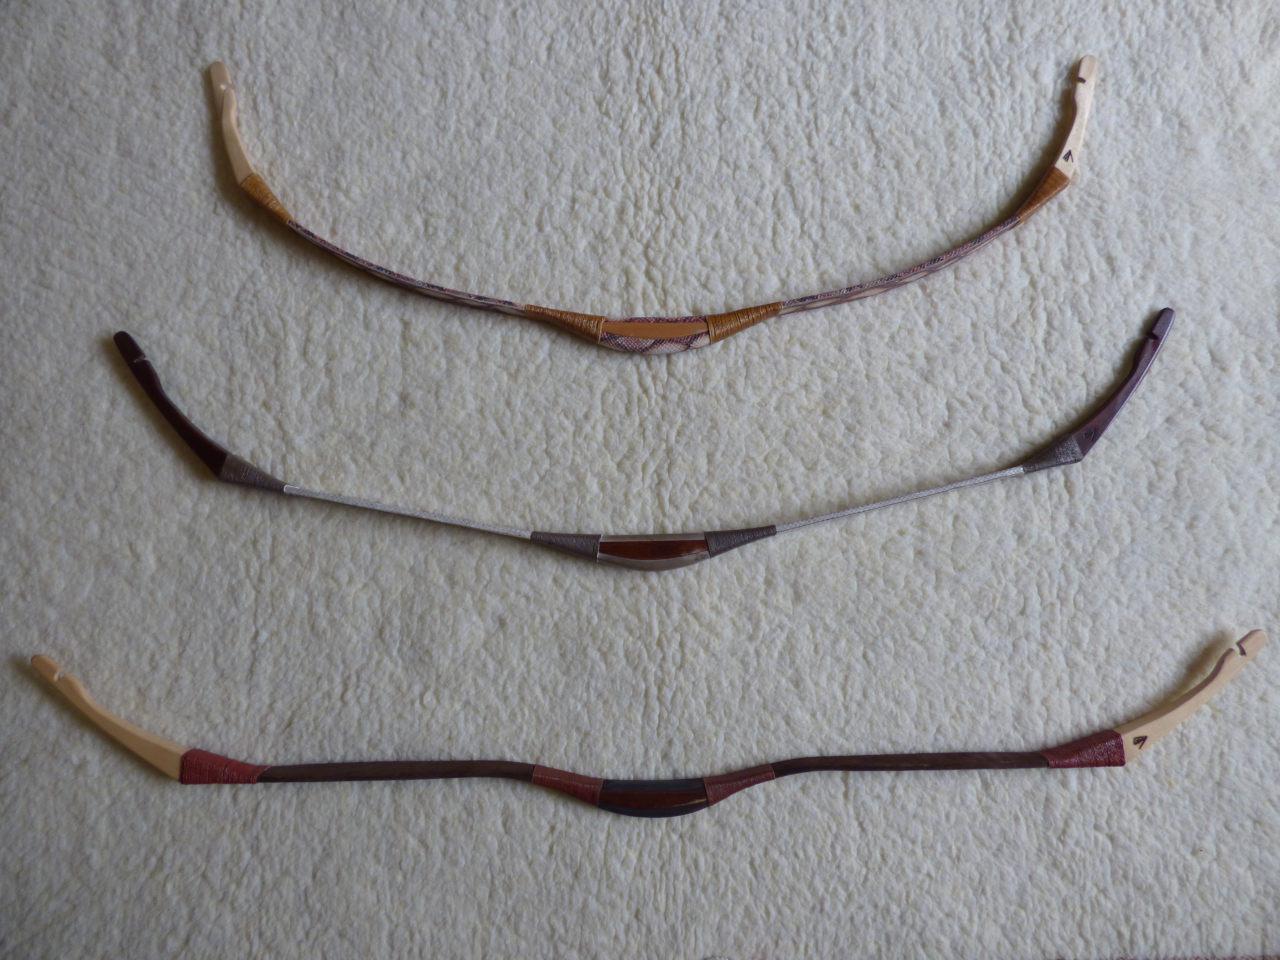 magyar III. típusú íjak